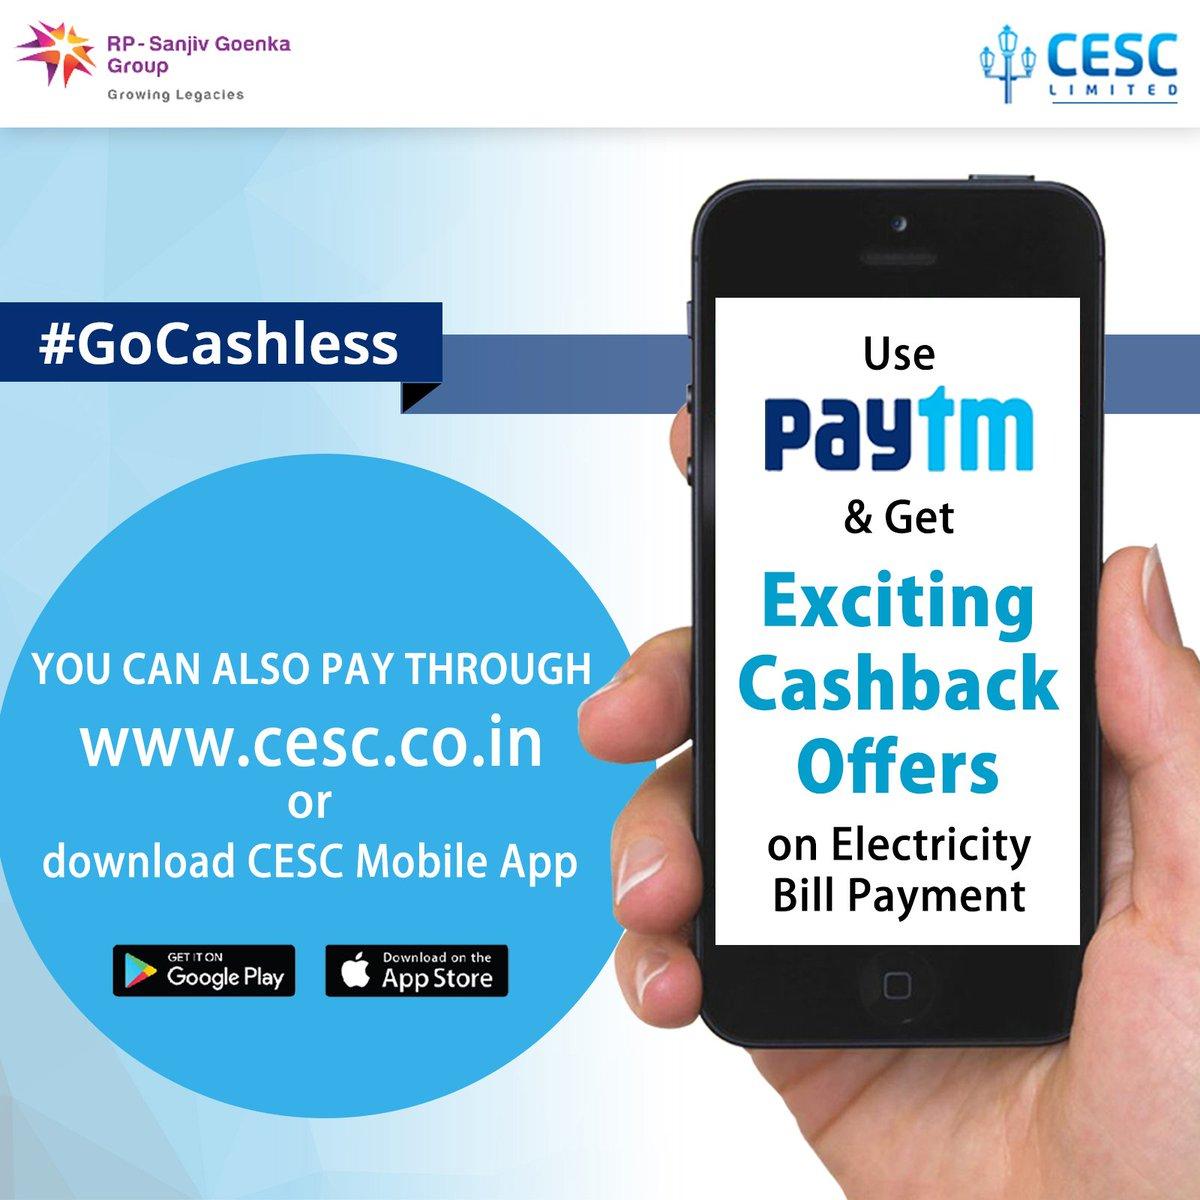 CESC Limited on Twitter: